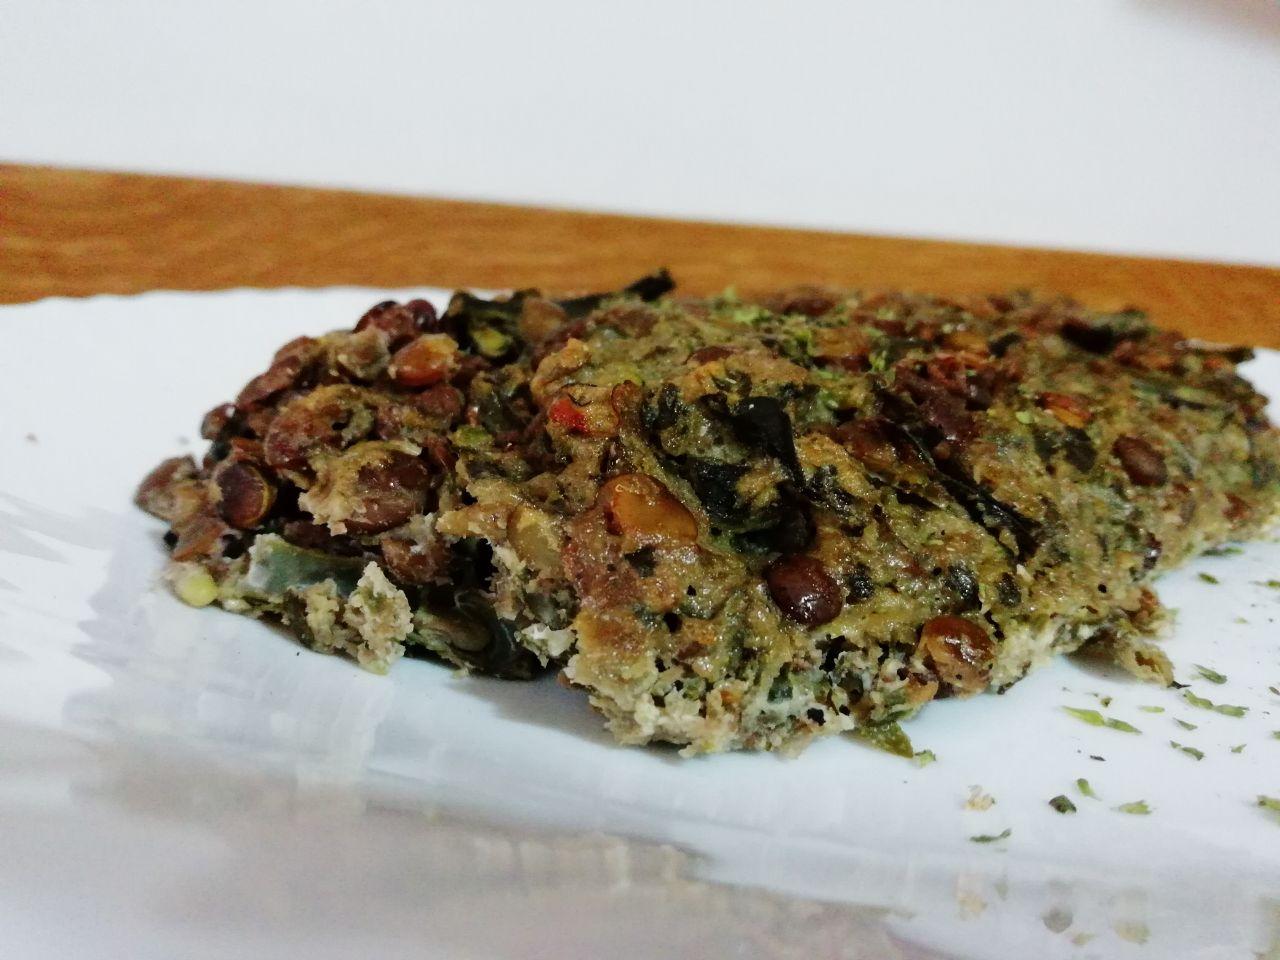 Ricette vegetariane: polpettone di lenticchie e fagiolini, senza formaggio e senza burro!